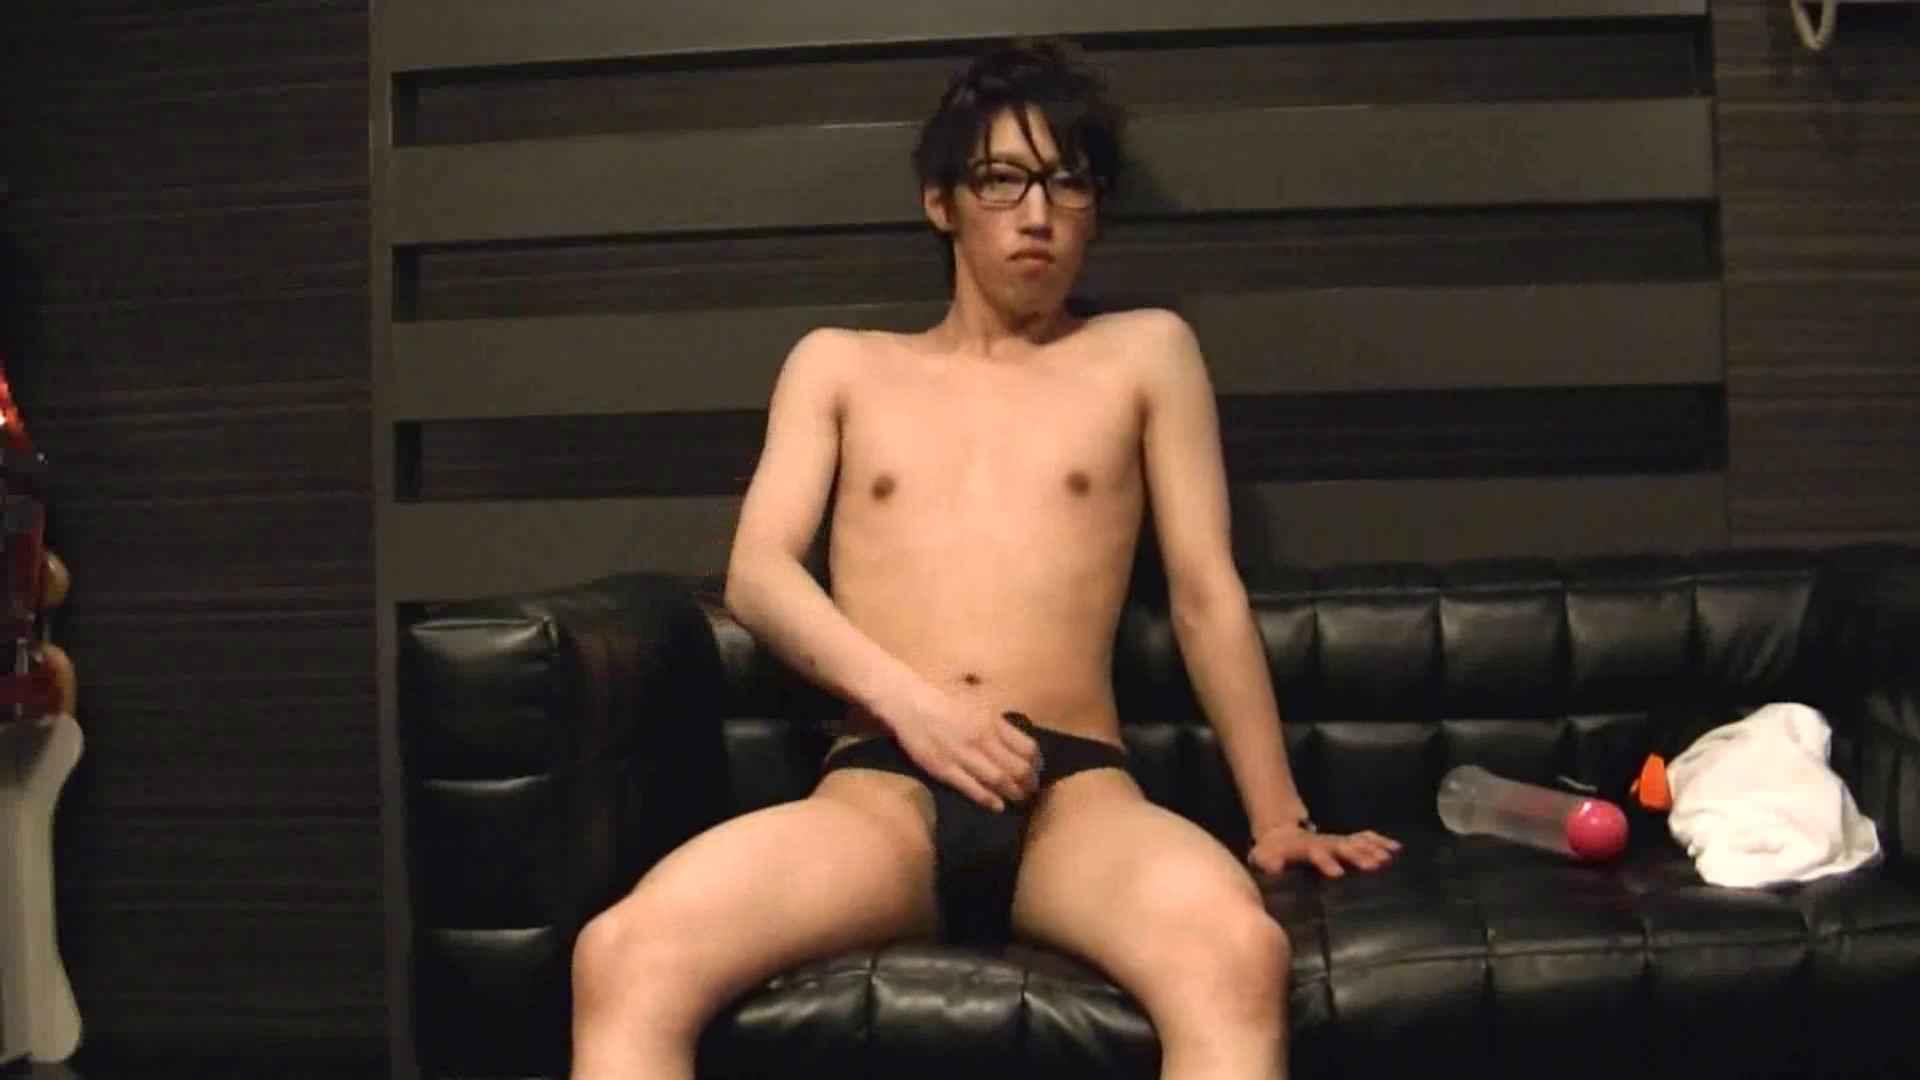 ONA見せカーニバル!! Vol3 ゲイのオナニー映像  103枚 40